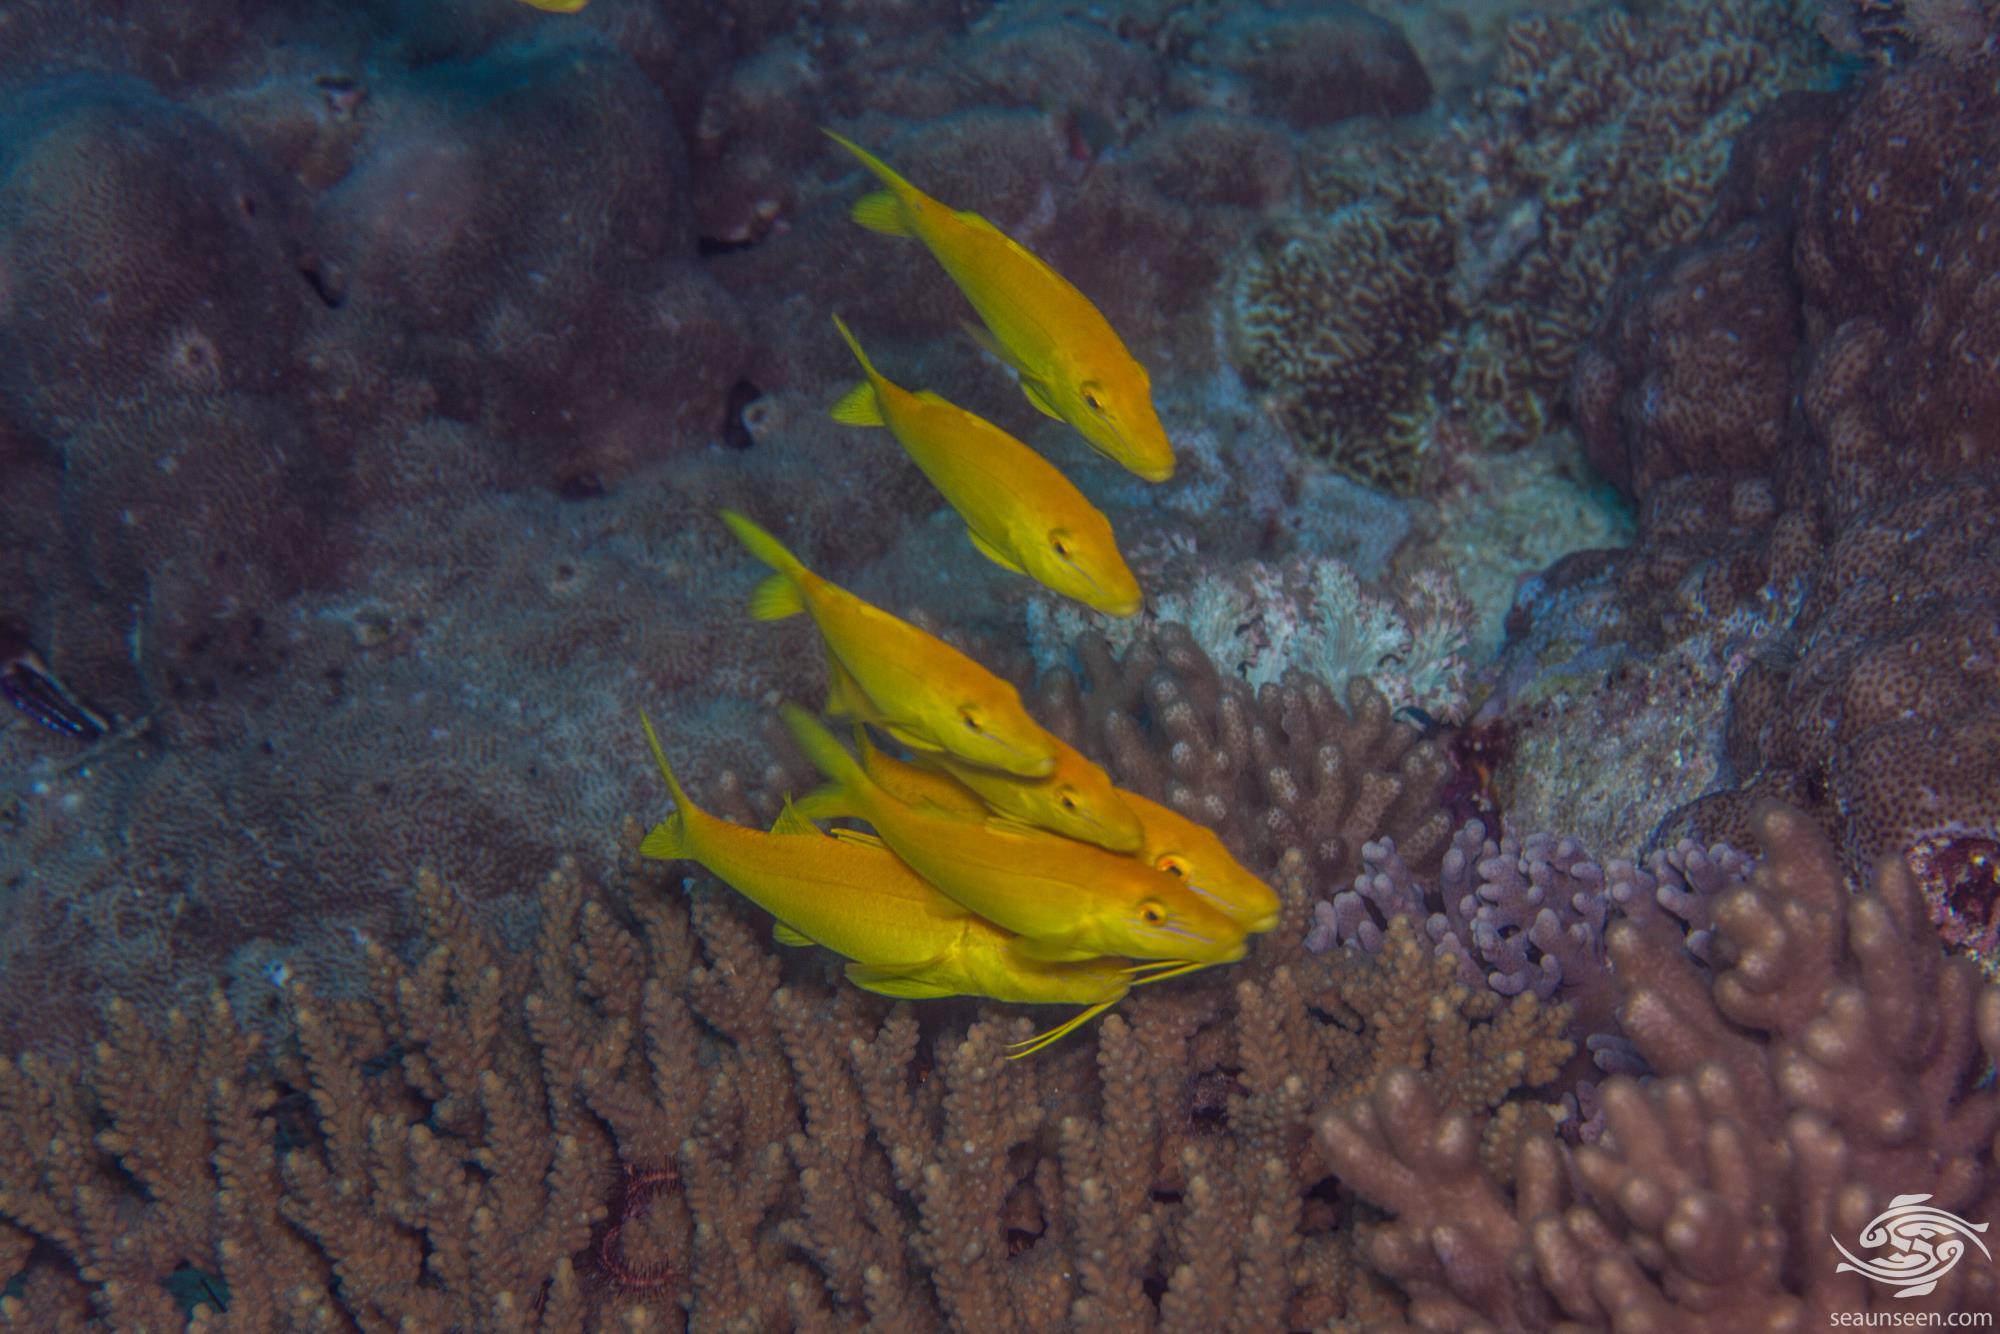 interesting fish behaviour goldsaddle goatfish or yellowsaddle goatfish, Parupeneus cyclostomus